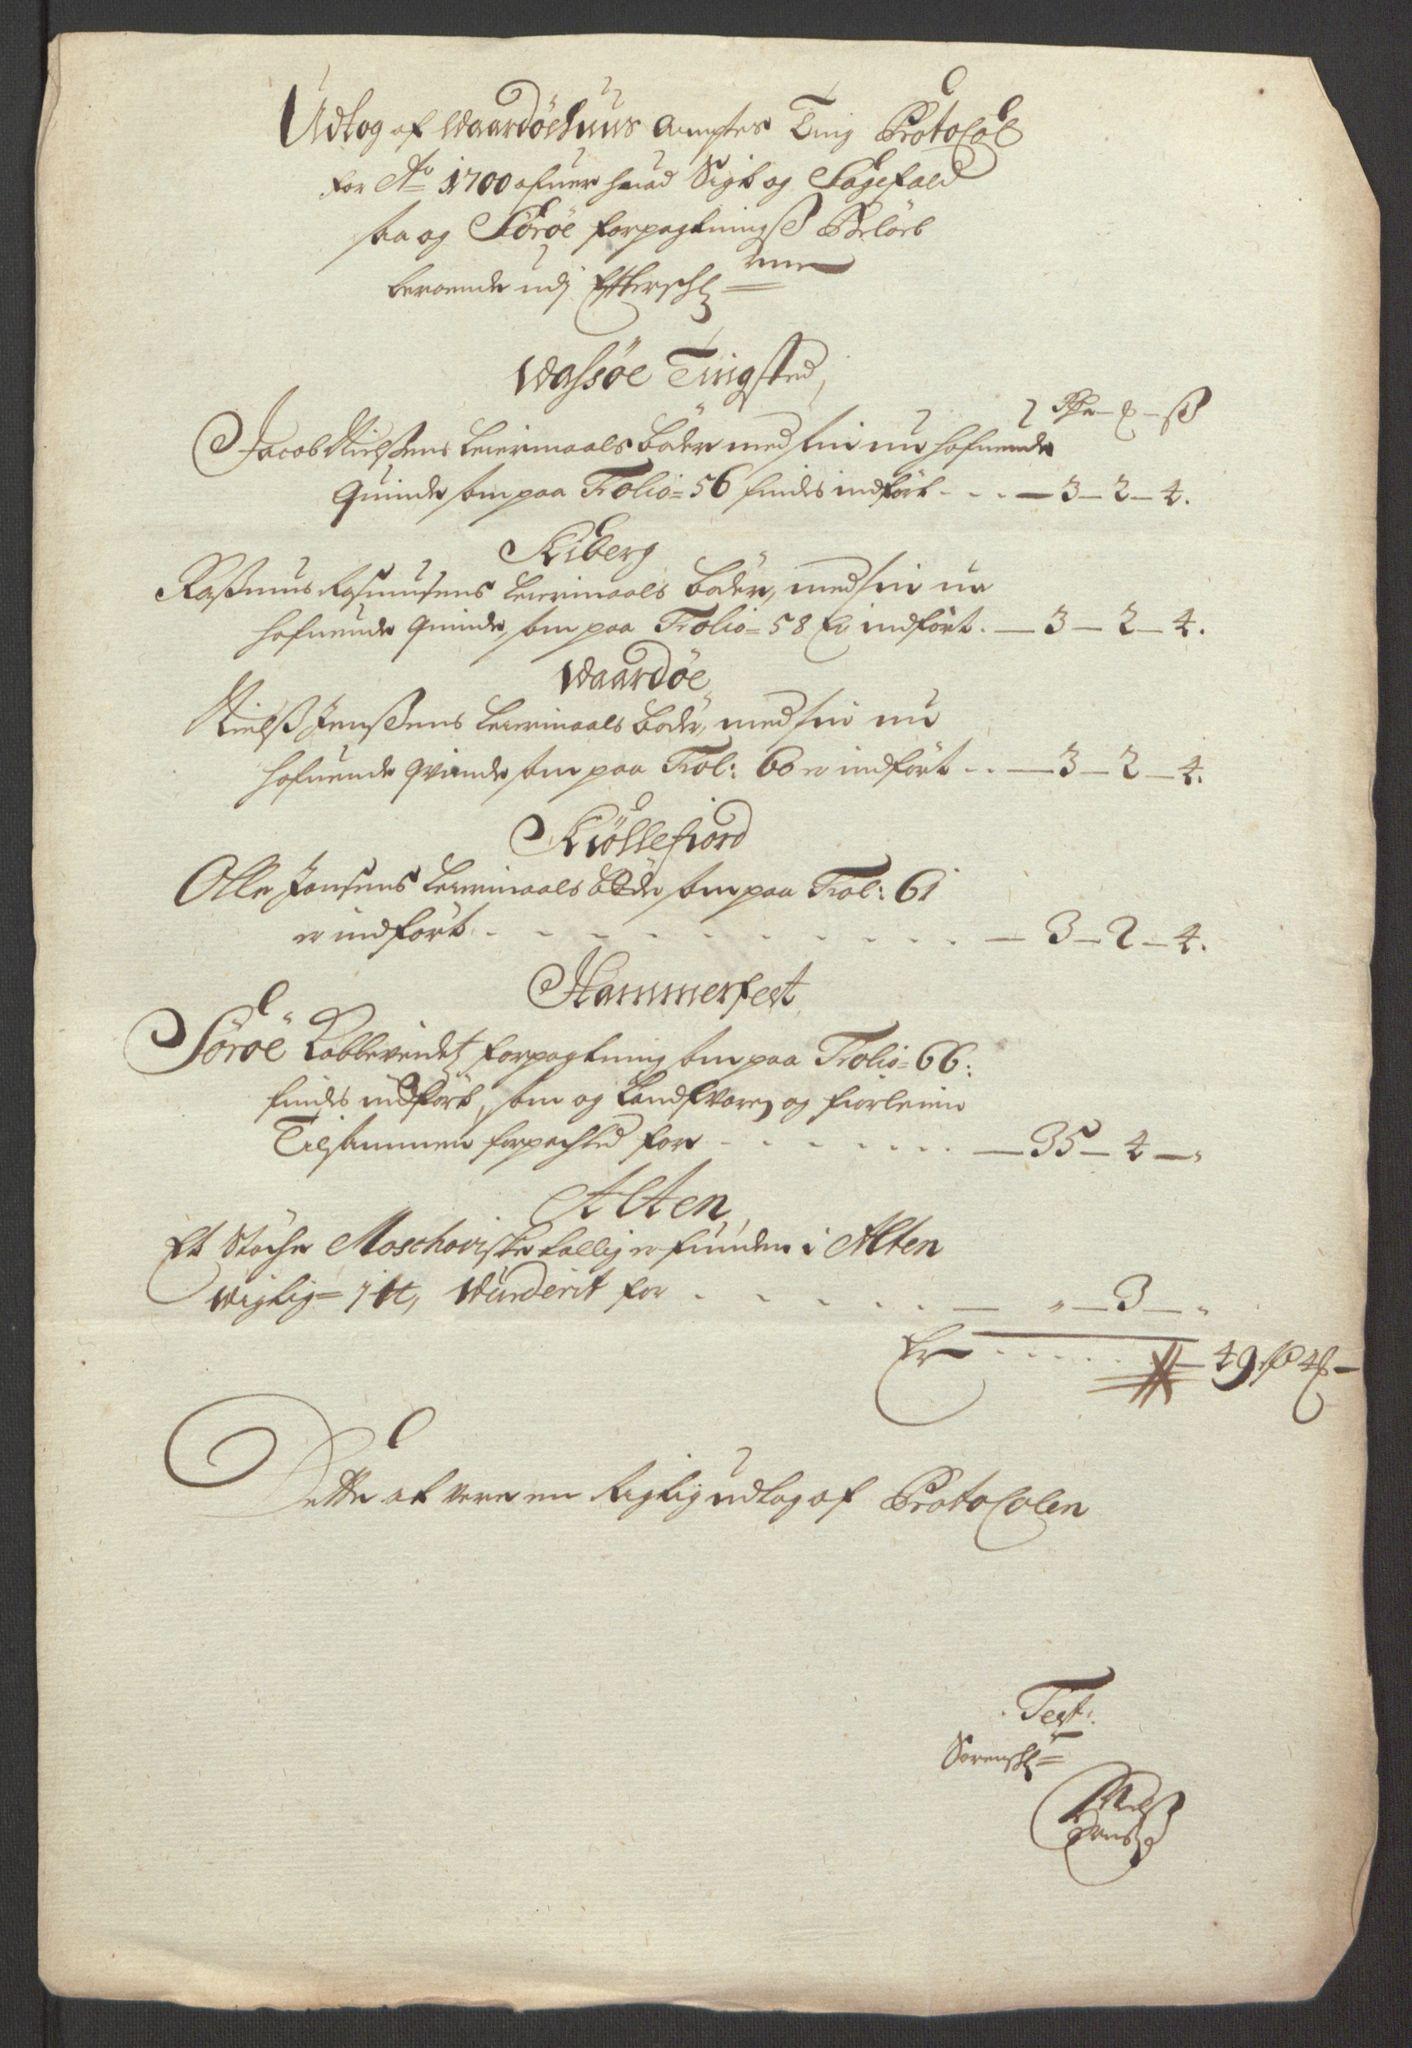 RA, Rentekammeret inntil 1814, Reviderte regnskaper, Fogderegnskap, R69/L4851: Fogderegnskap Finnmark/Vardøhus, 1691-1700, s. 477